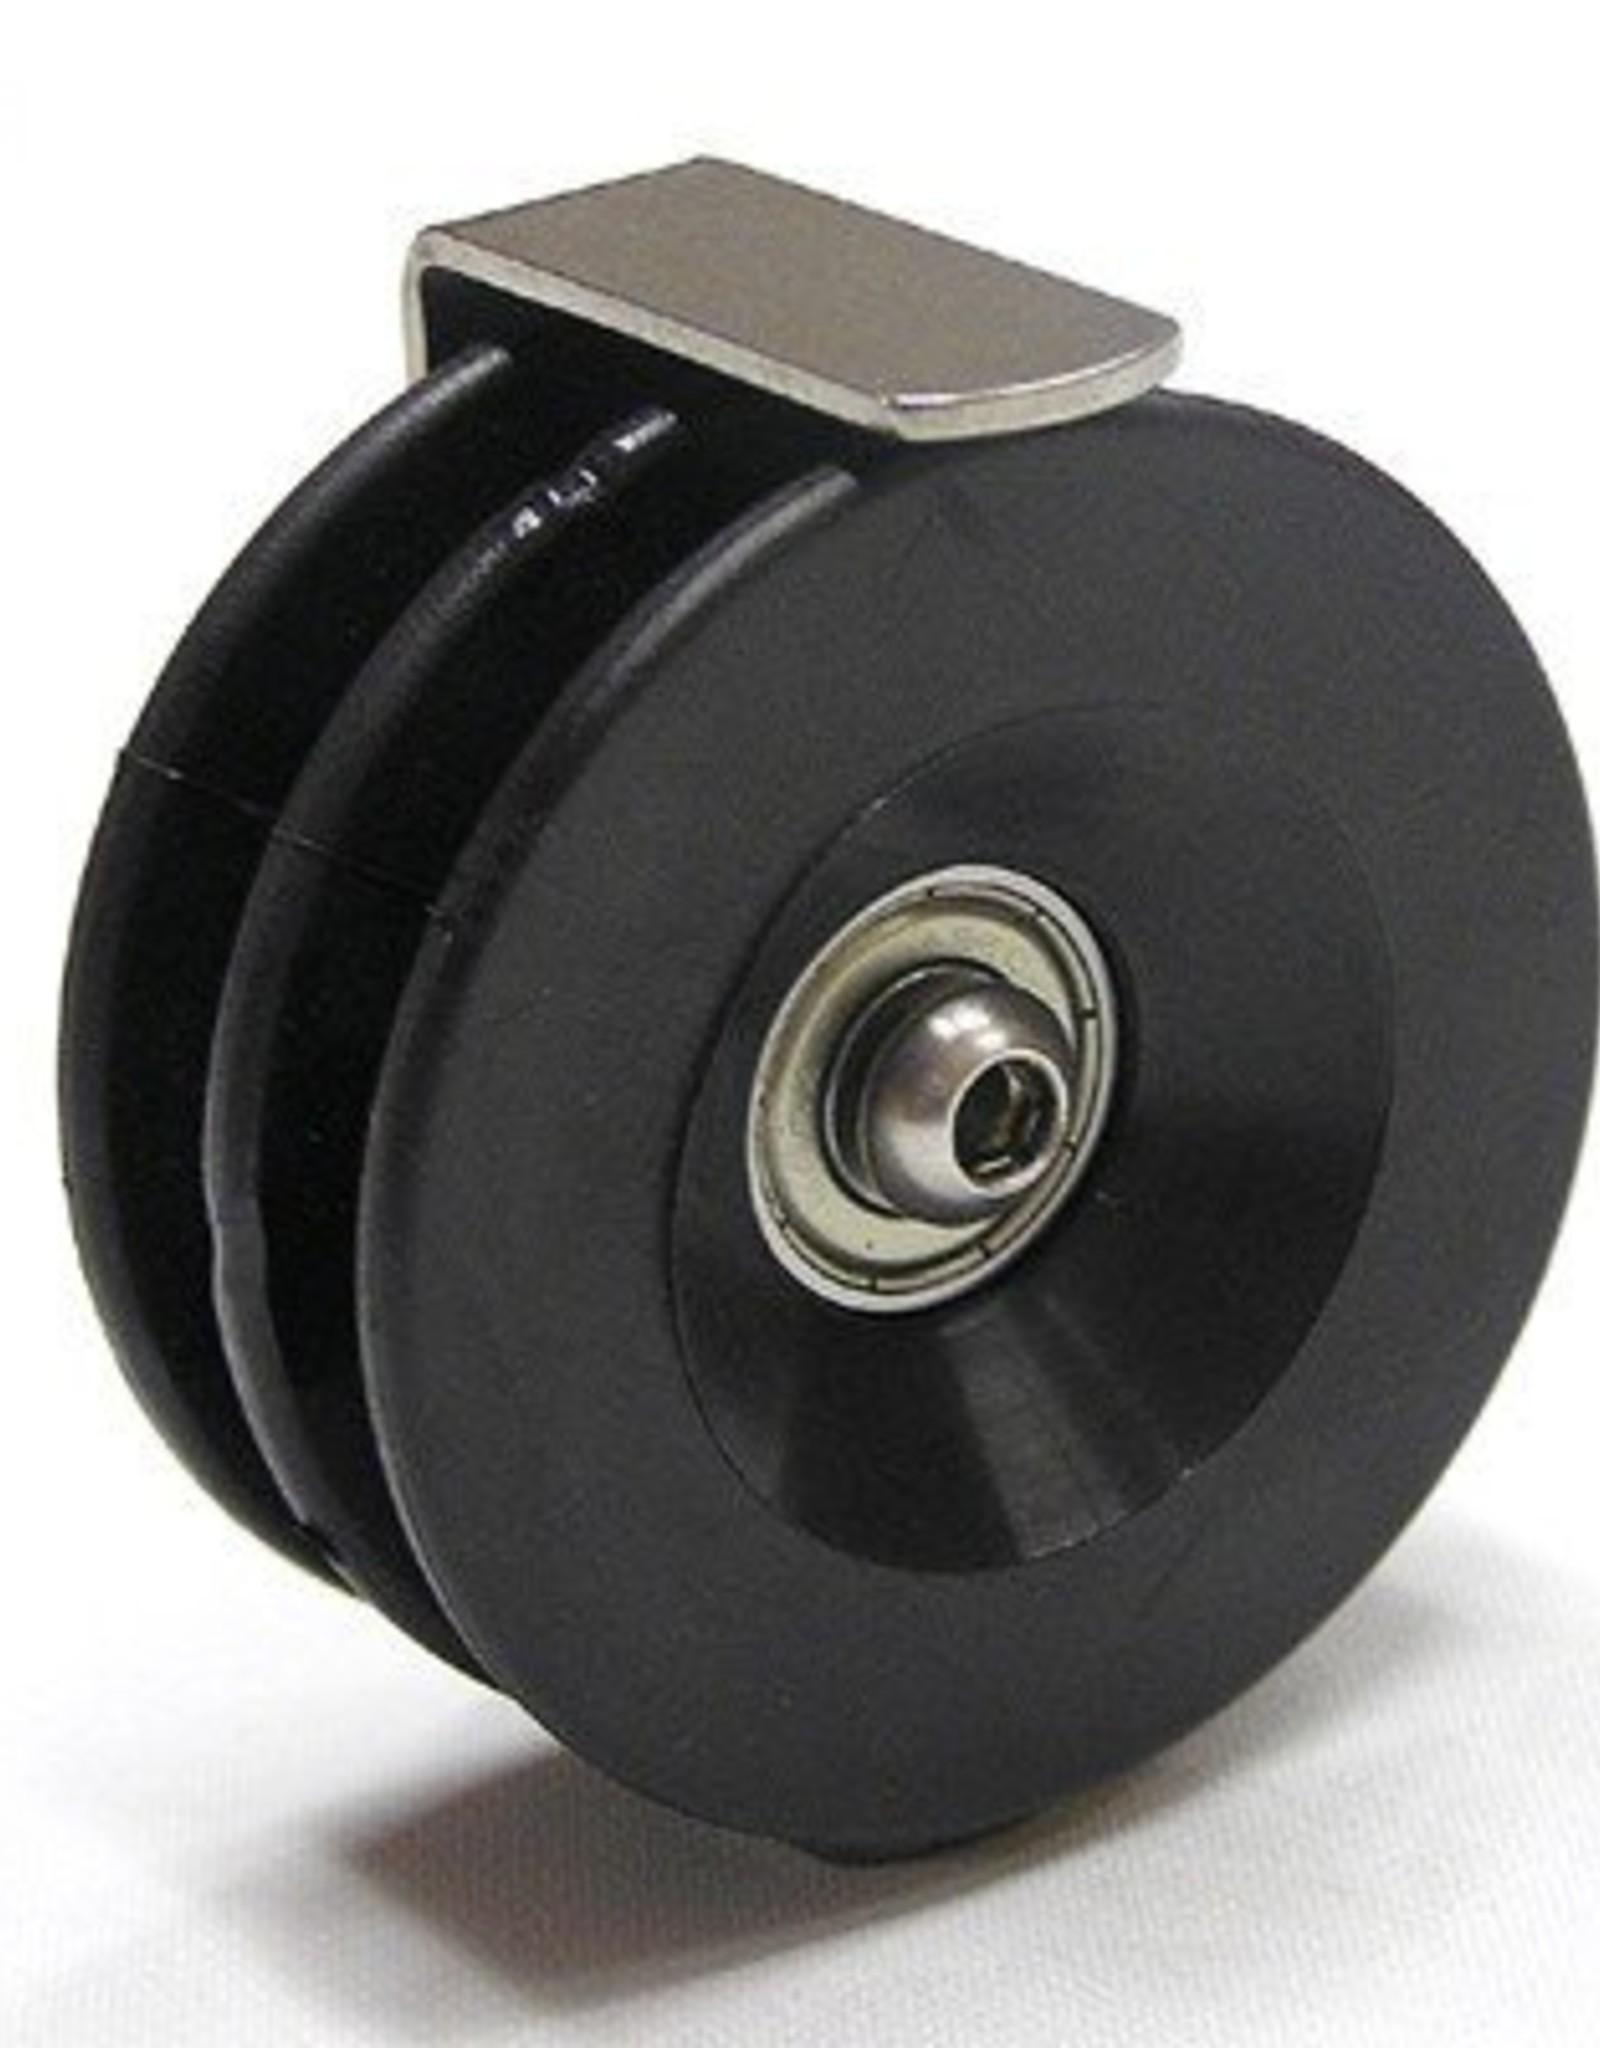 Bacchetta Bacchetta Idler Wheel 68mm - Black - Urethane